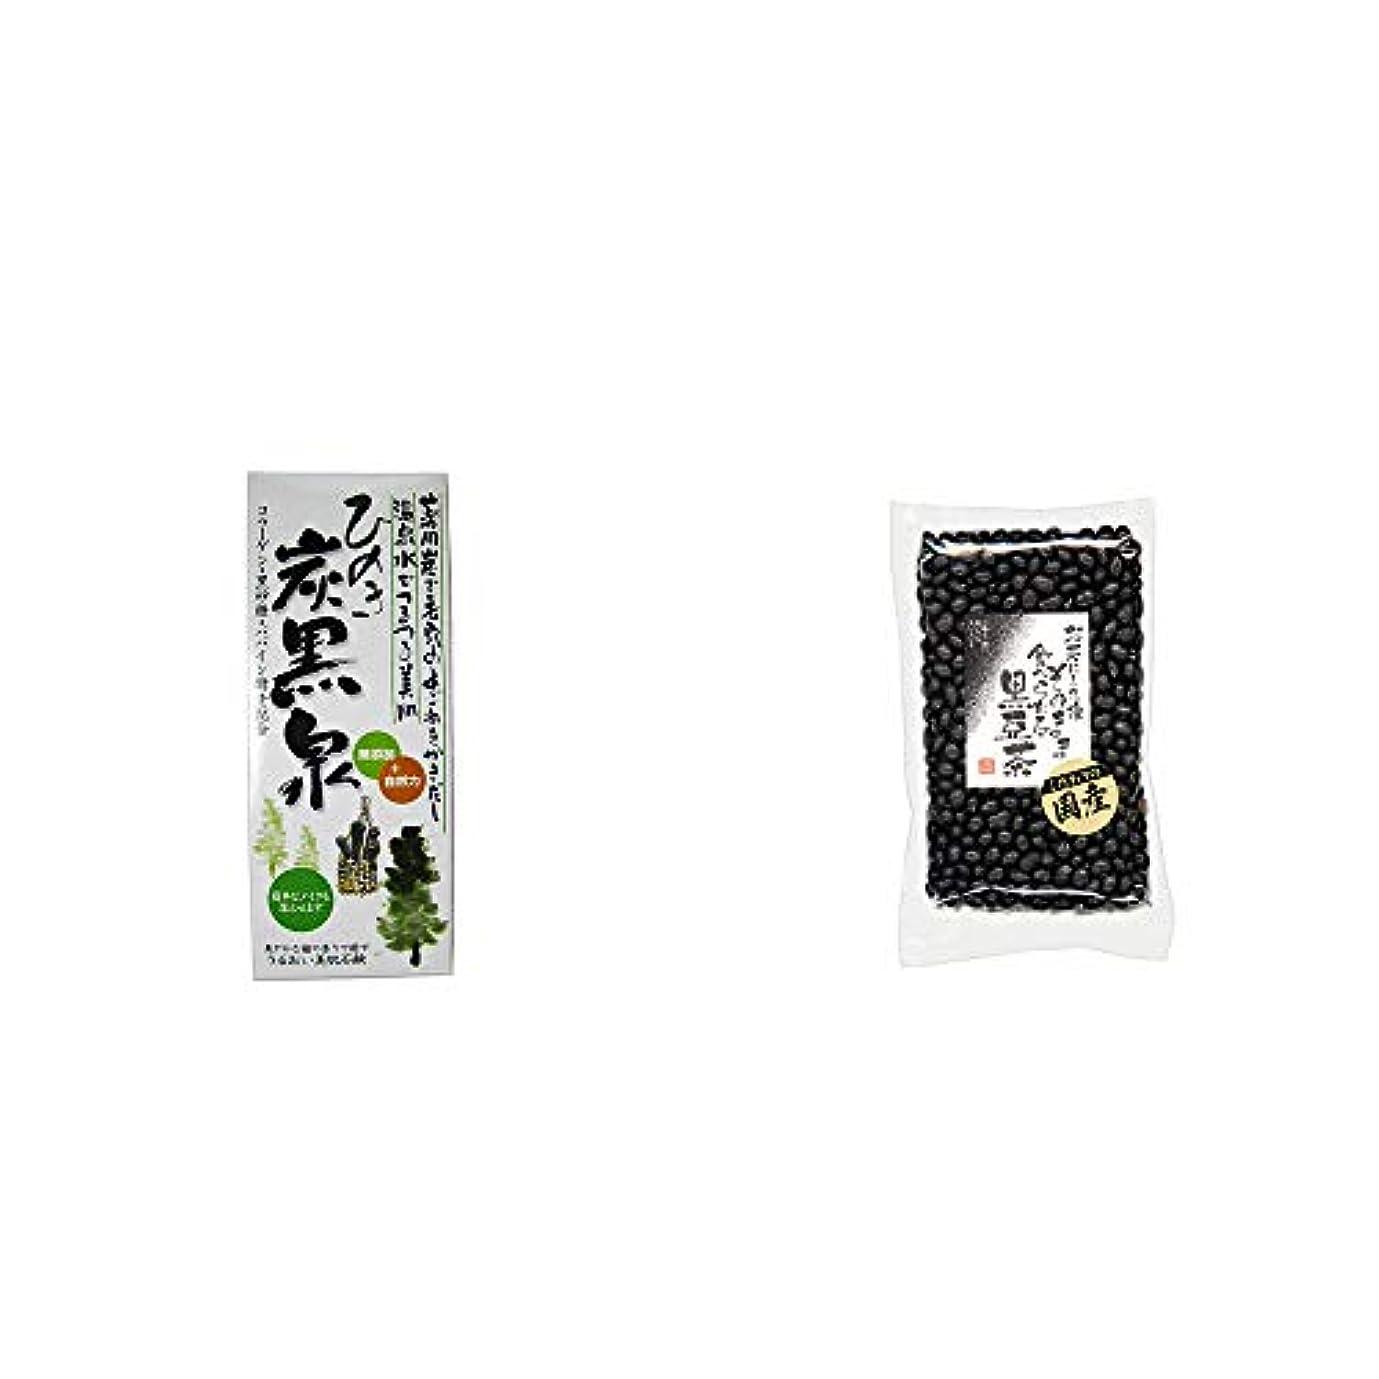 大腿アマチュア薄める[2点セット] ひのき炭黒泉 箱入り(75g×3)?国産 黒豆茶(200g)